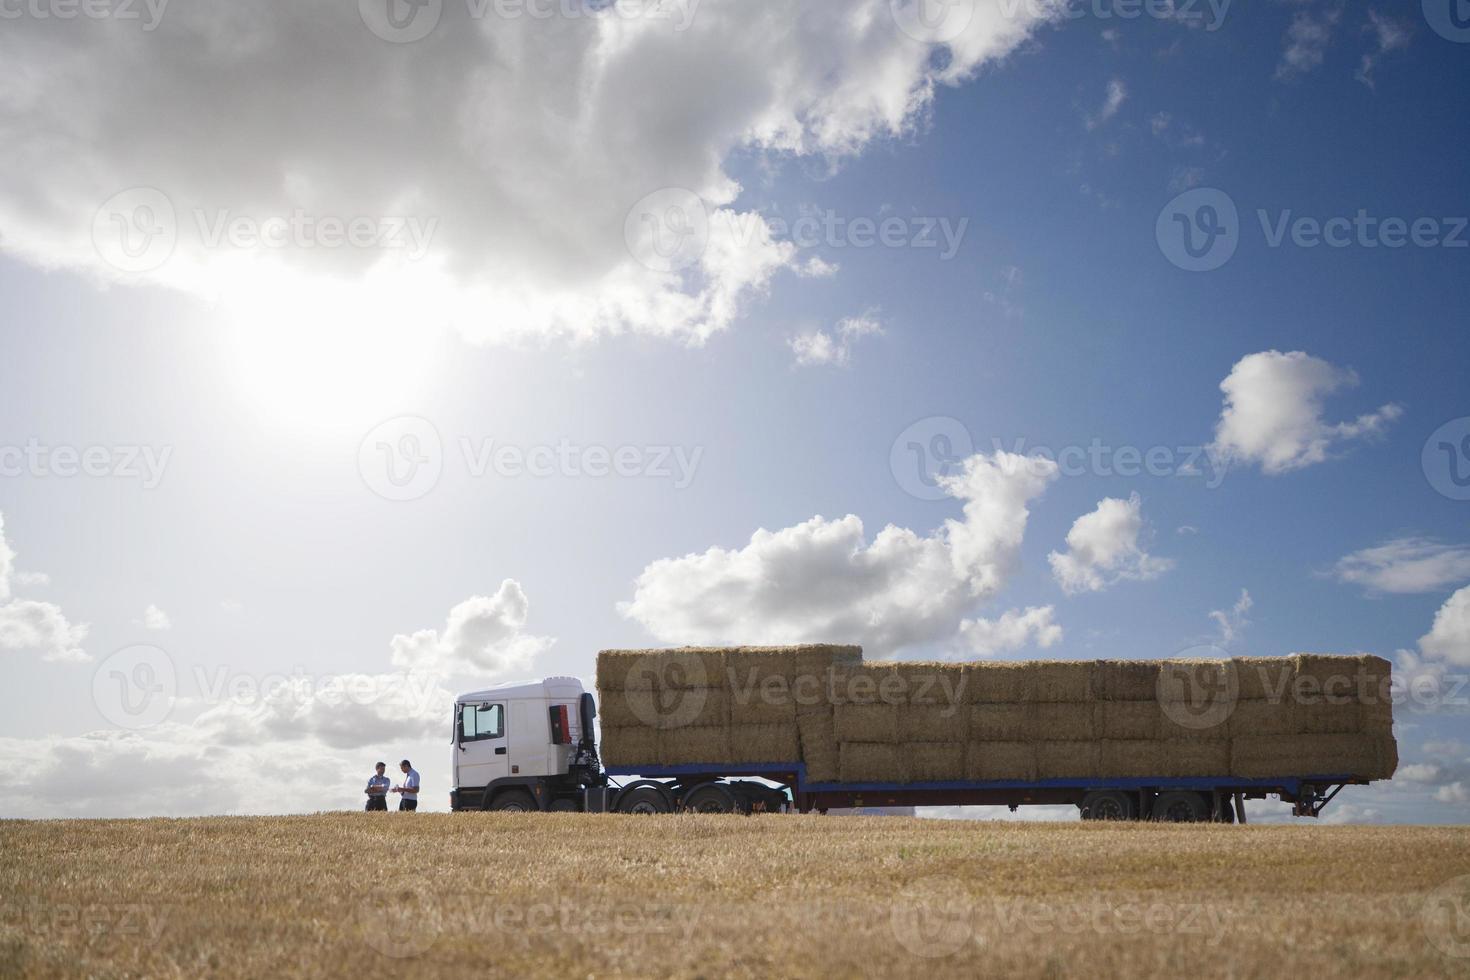 Strohballen auf Anhänger im sonnigen, ländlichen Feld foto